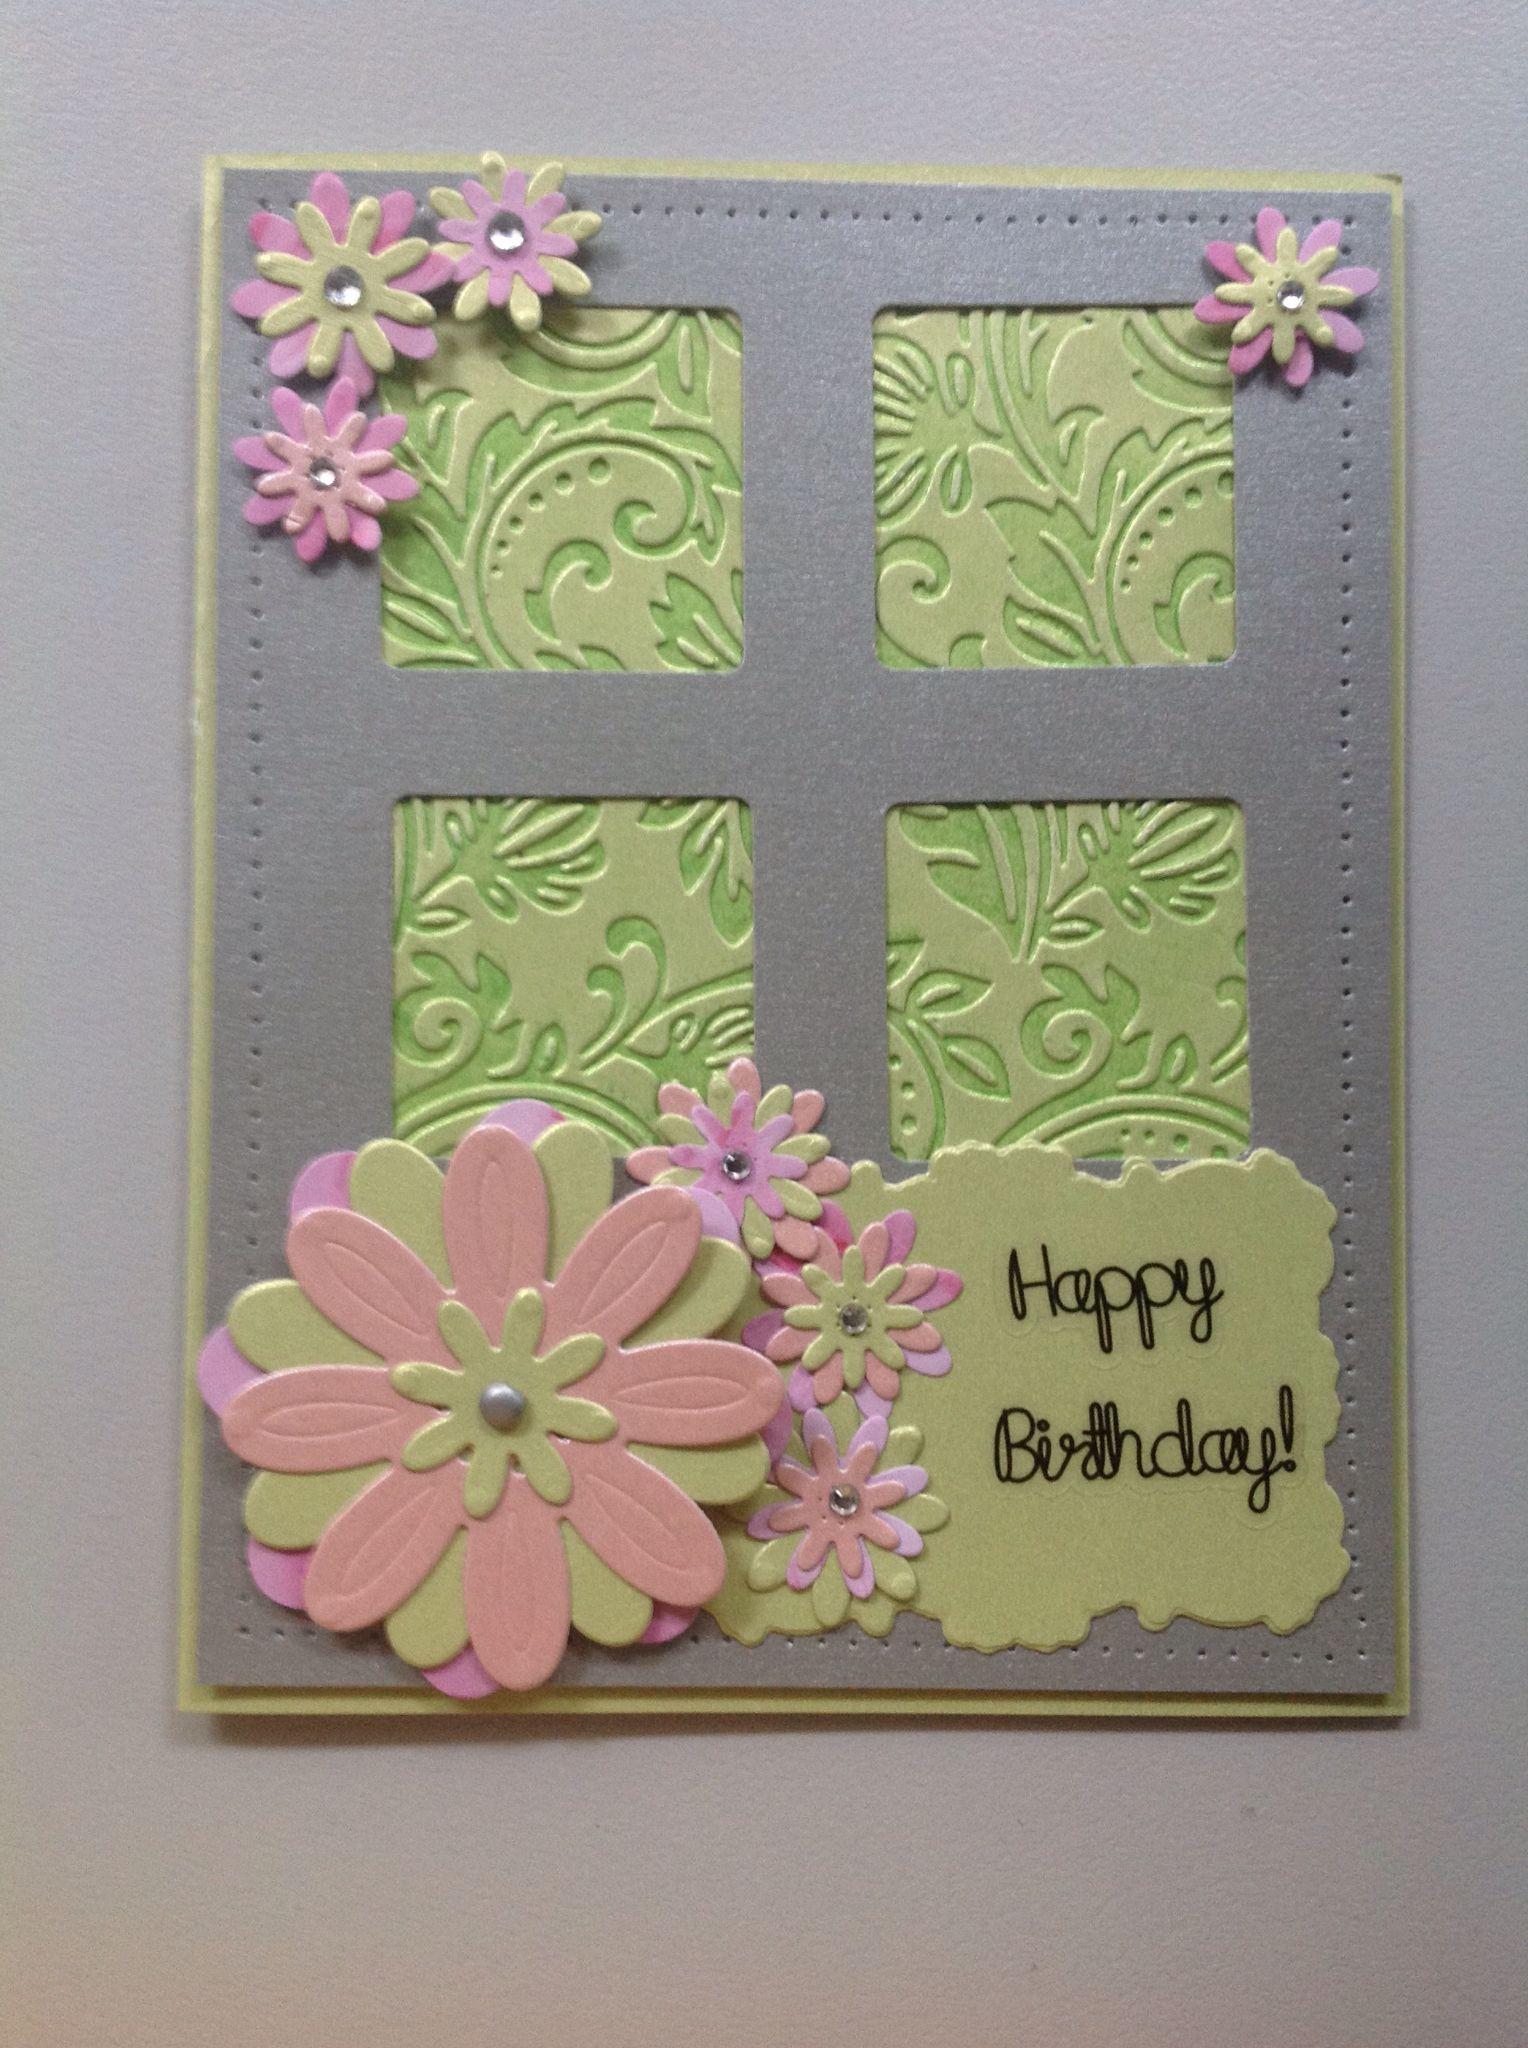 Birthday card kreativ pinterest card ideas and cards